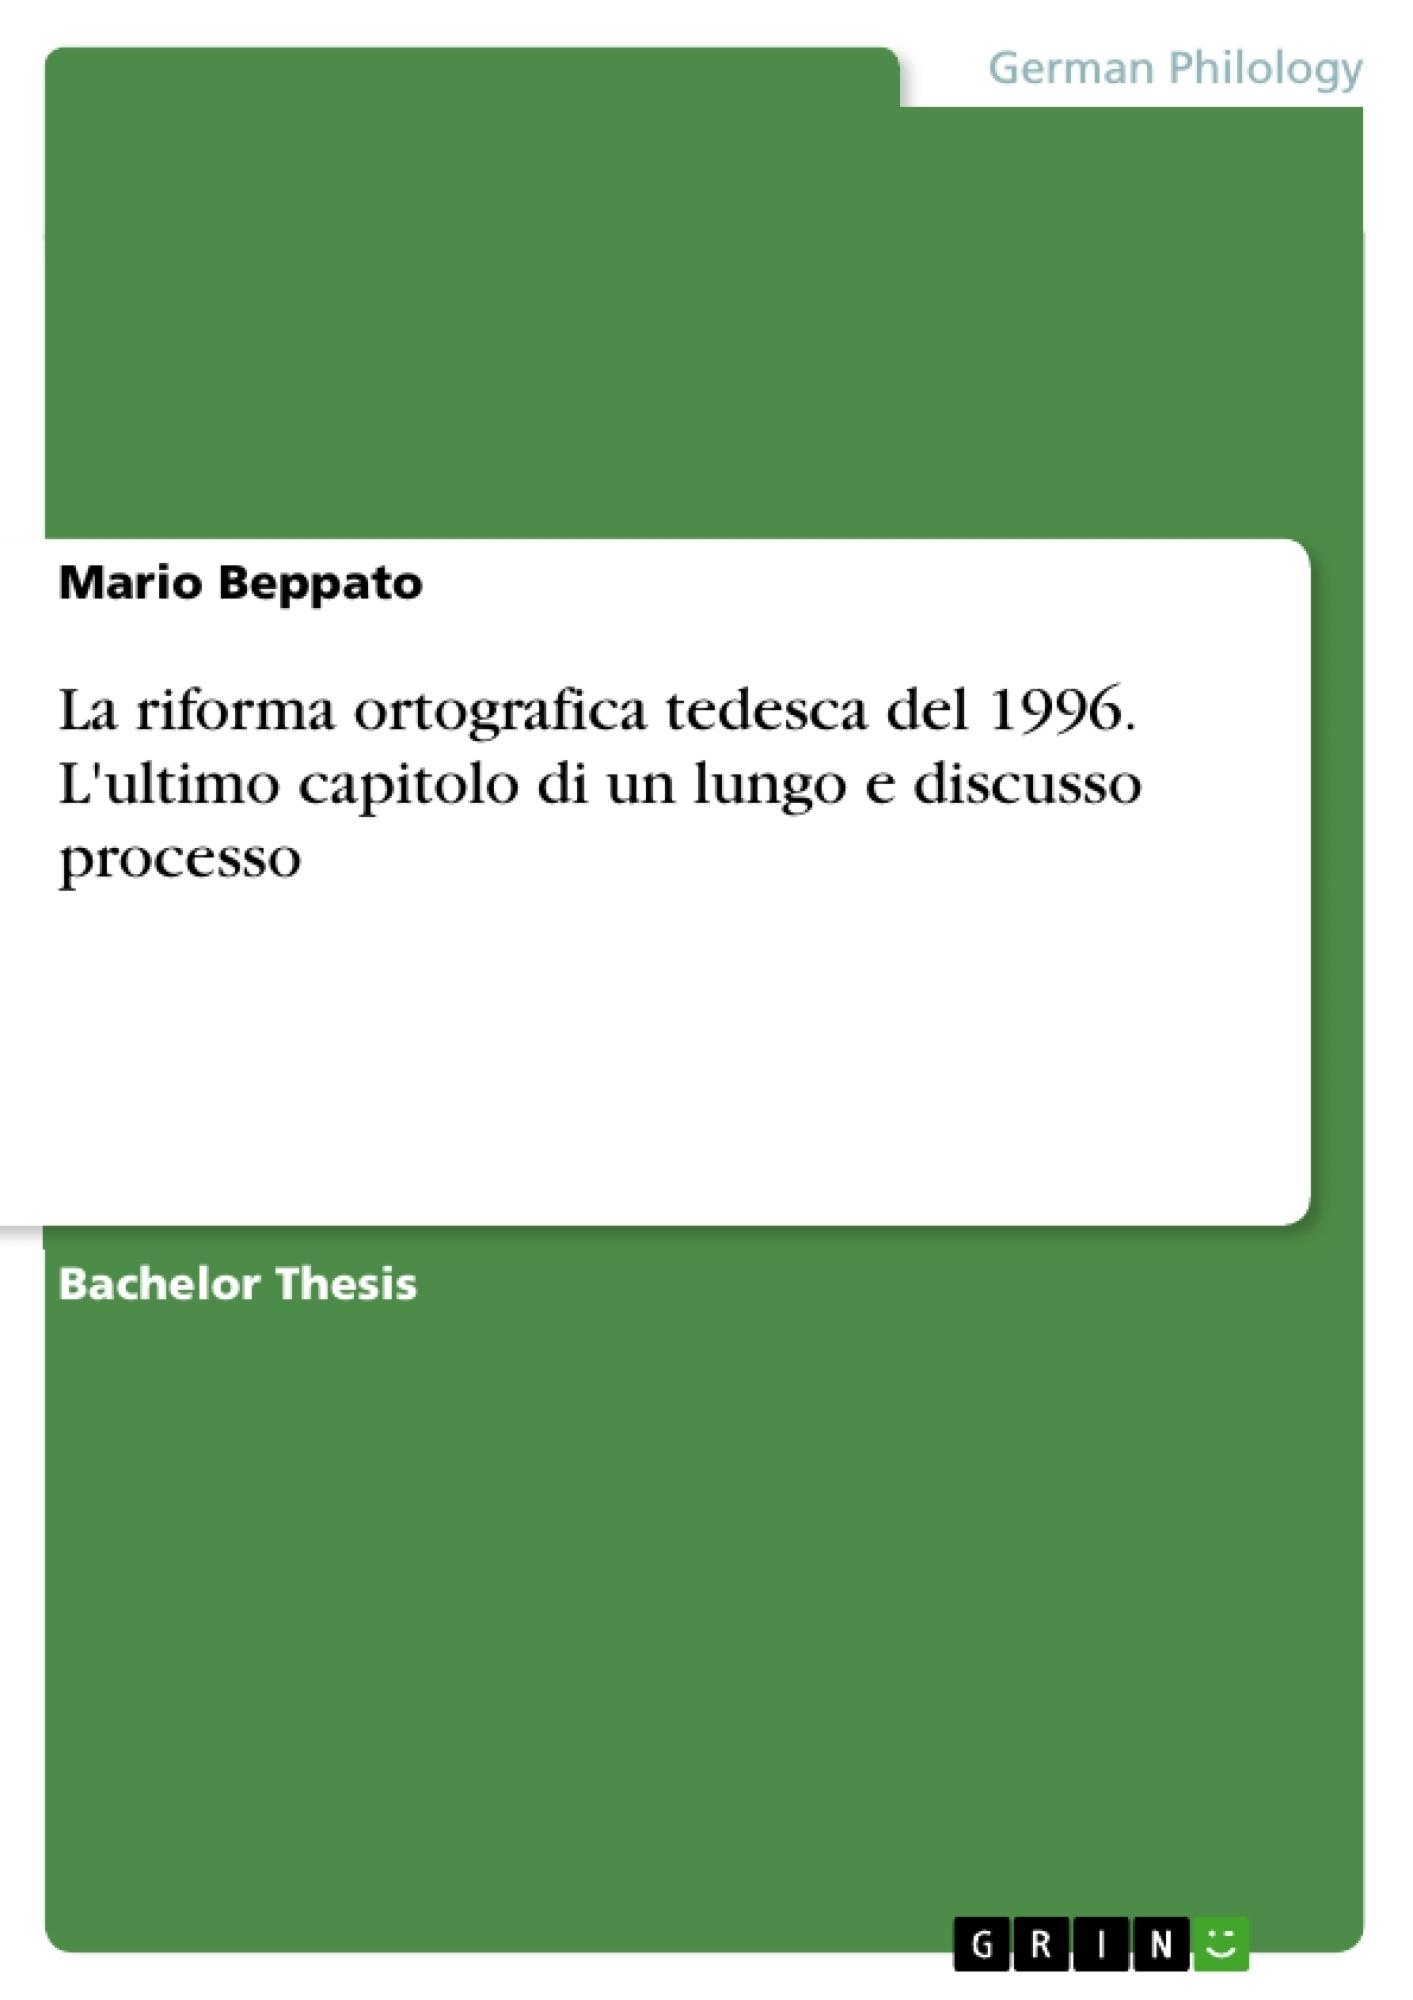 Title: La riforma ortografica tedesca del 1996. L'ultimo capitolo di un lungo e discusso processo